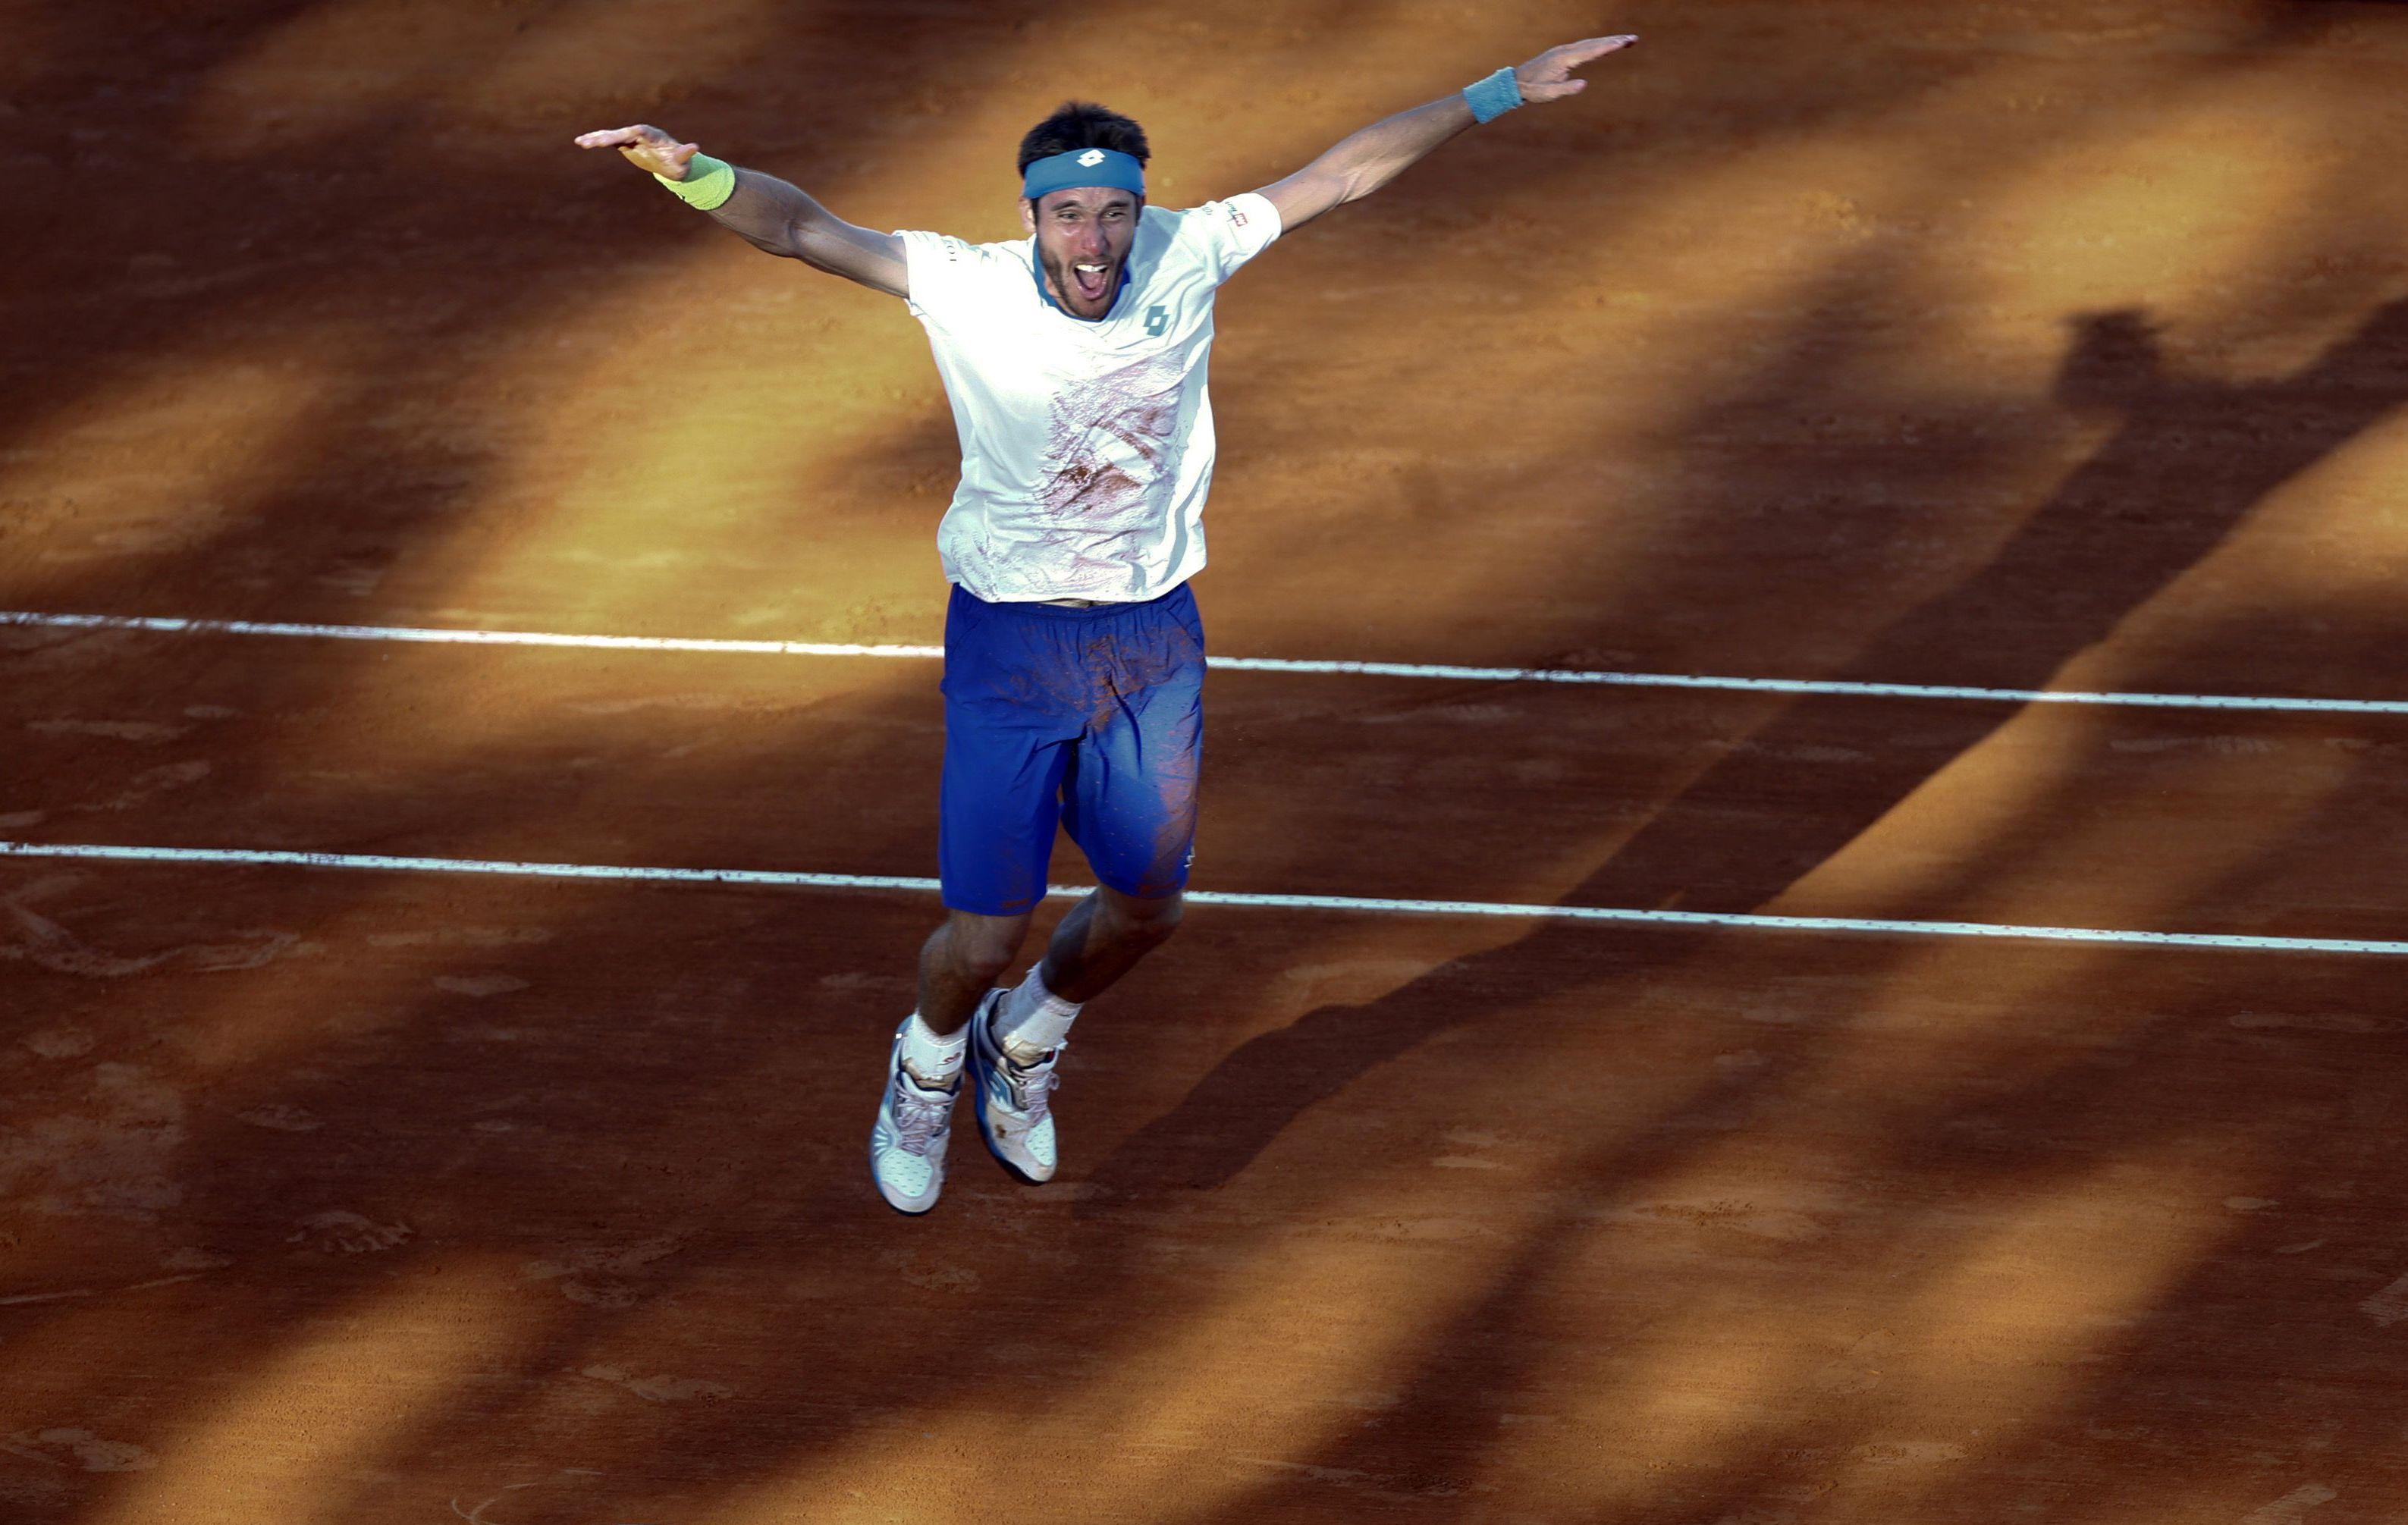 Tennis : Coupe Davis - Le tie break pour mettre fin aux matches sans fin